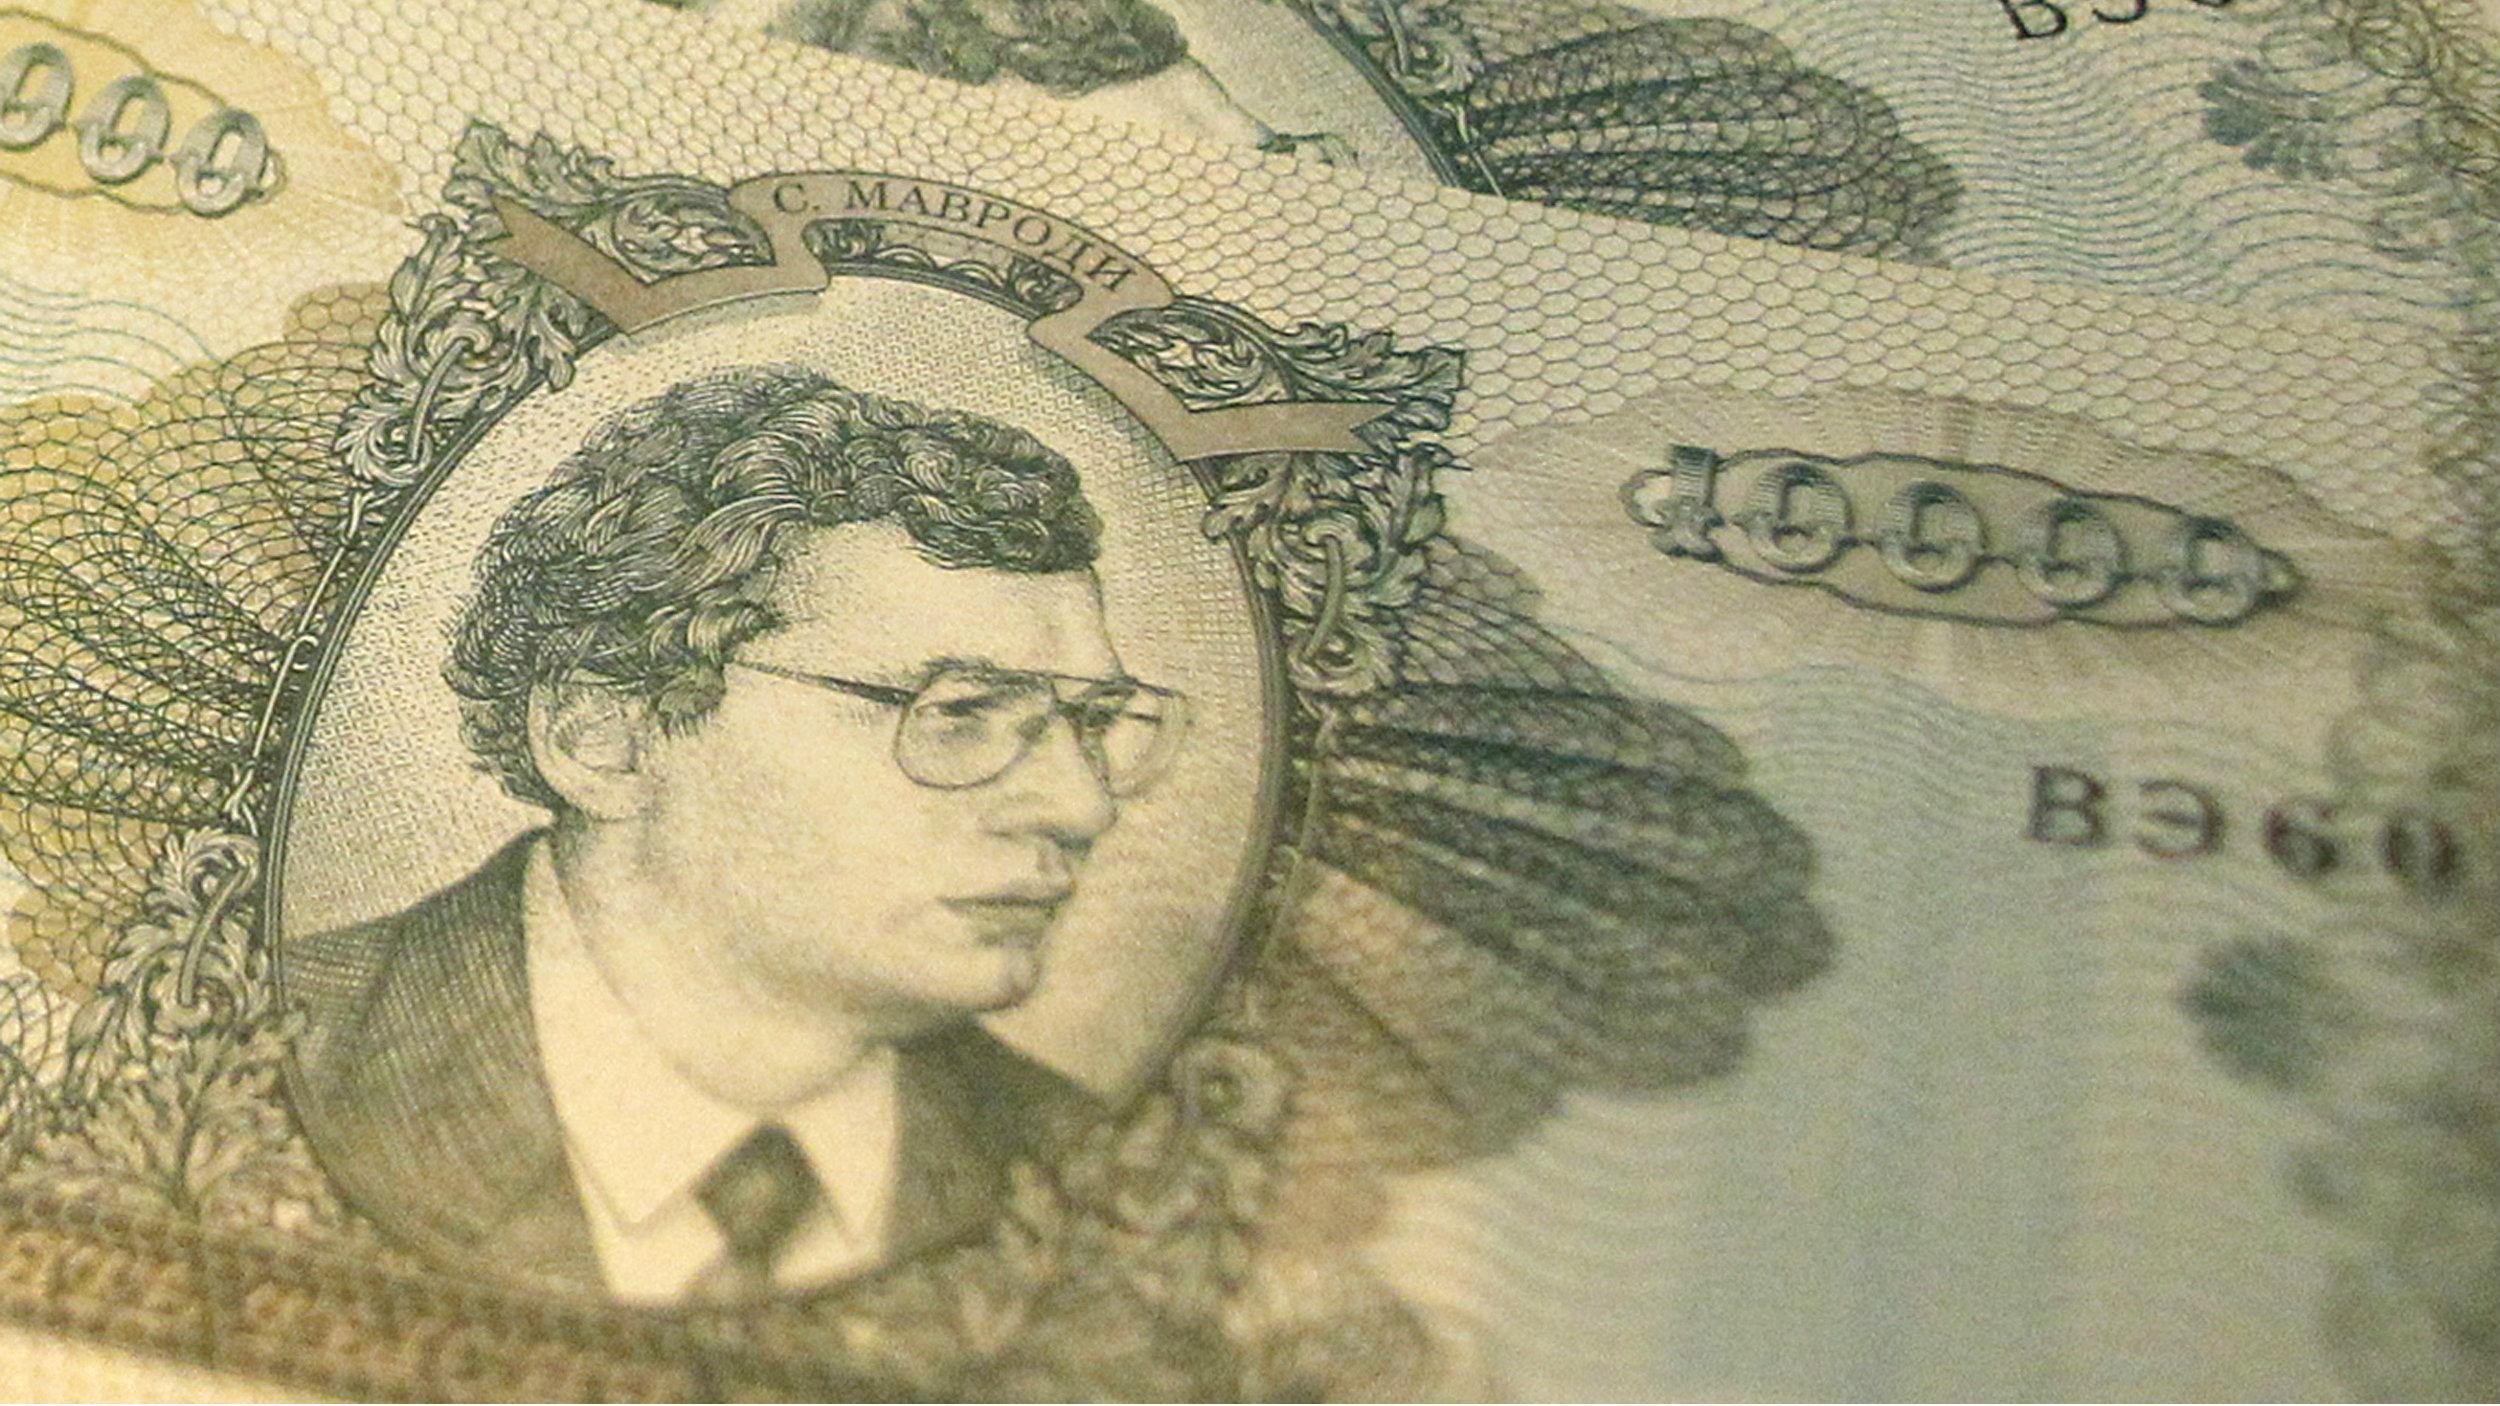 MMM and bitcoin: Russian Ponzi mastermind Sergei Mavrodi is dead